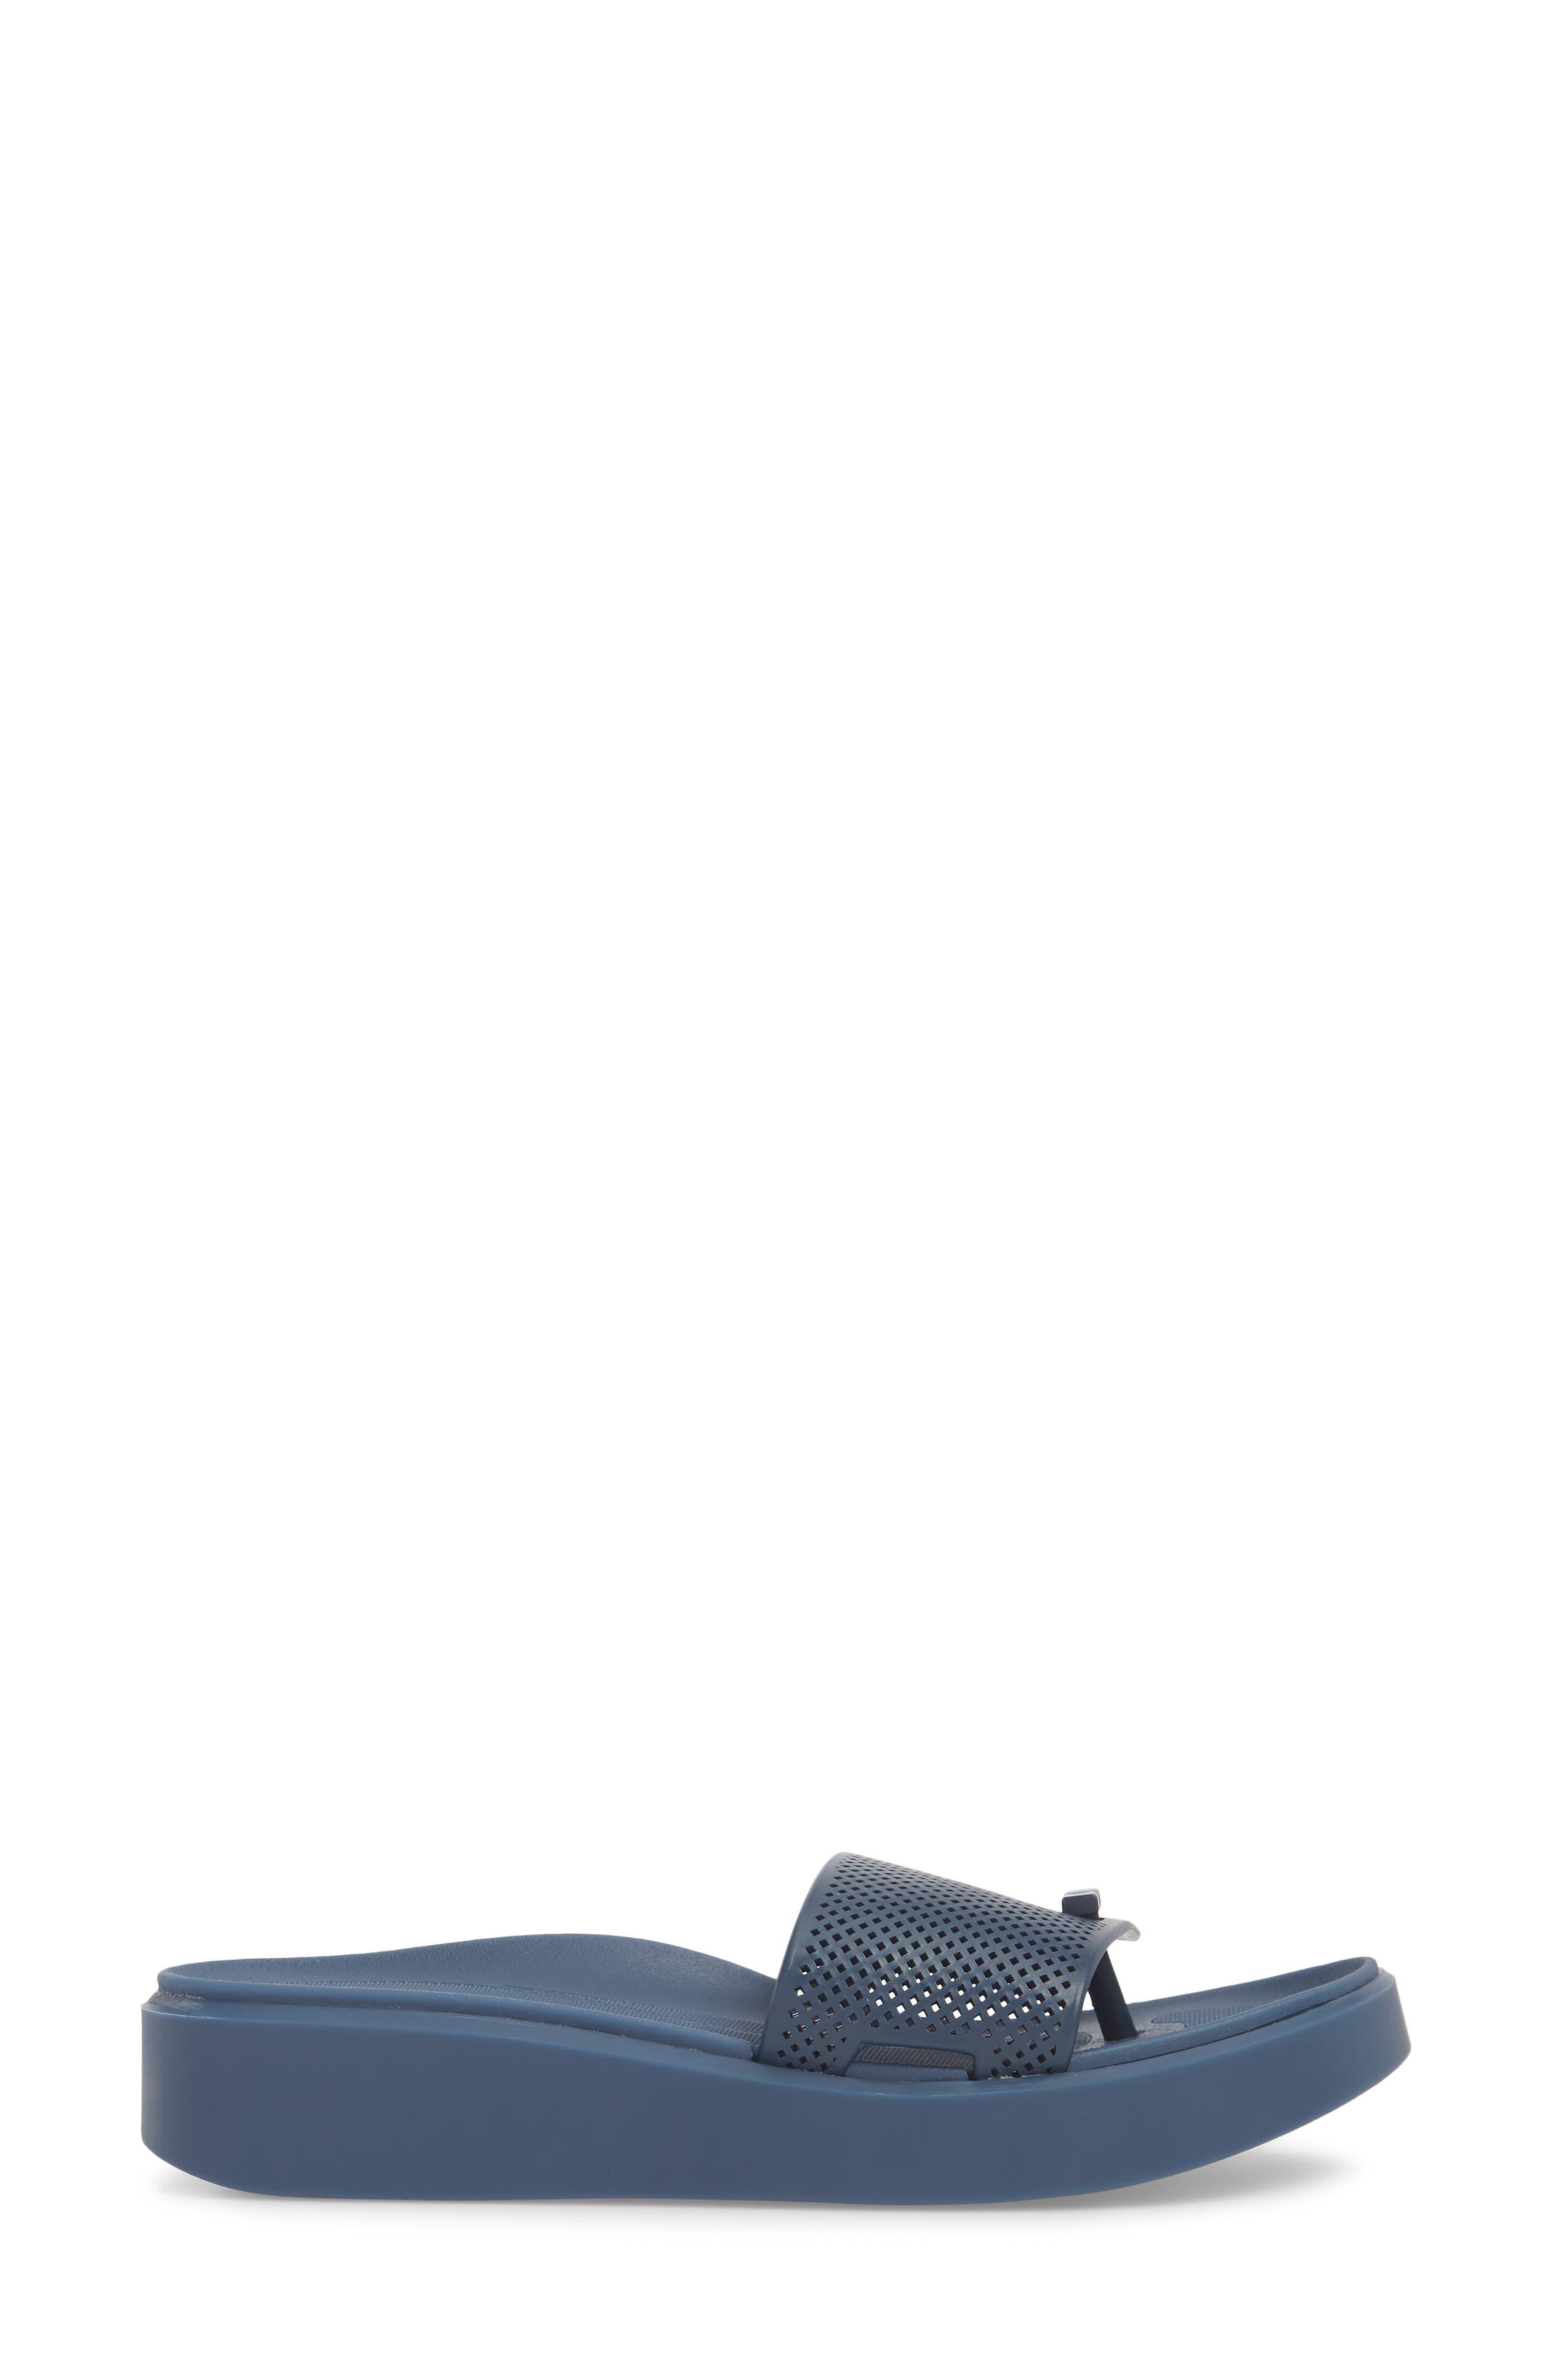 Bondi Jelly Slide Sandal,                             Alternate thumbnail 3, color,                             Navy